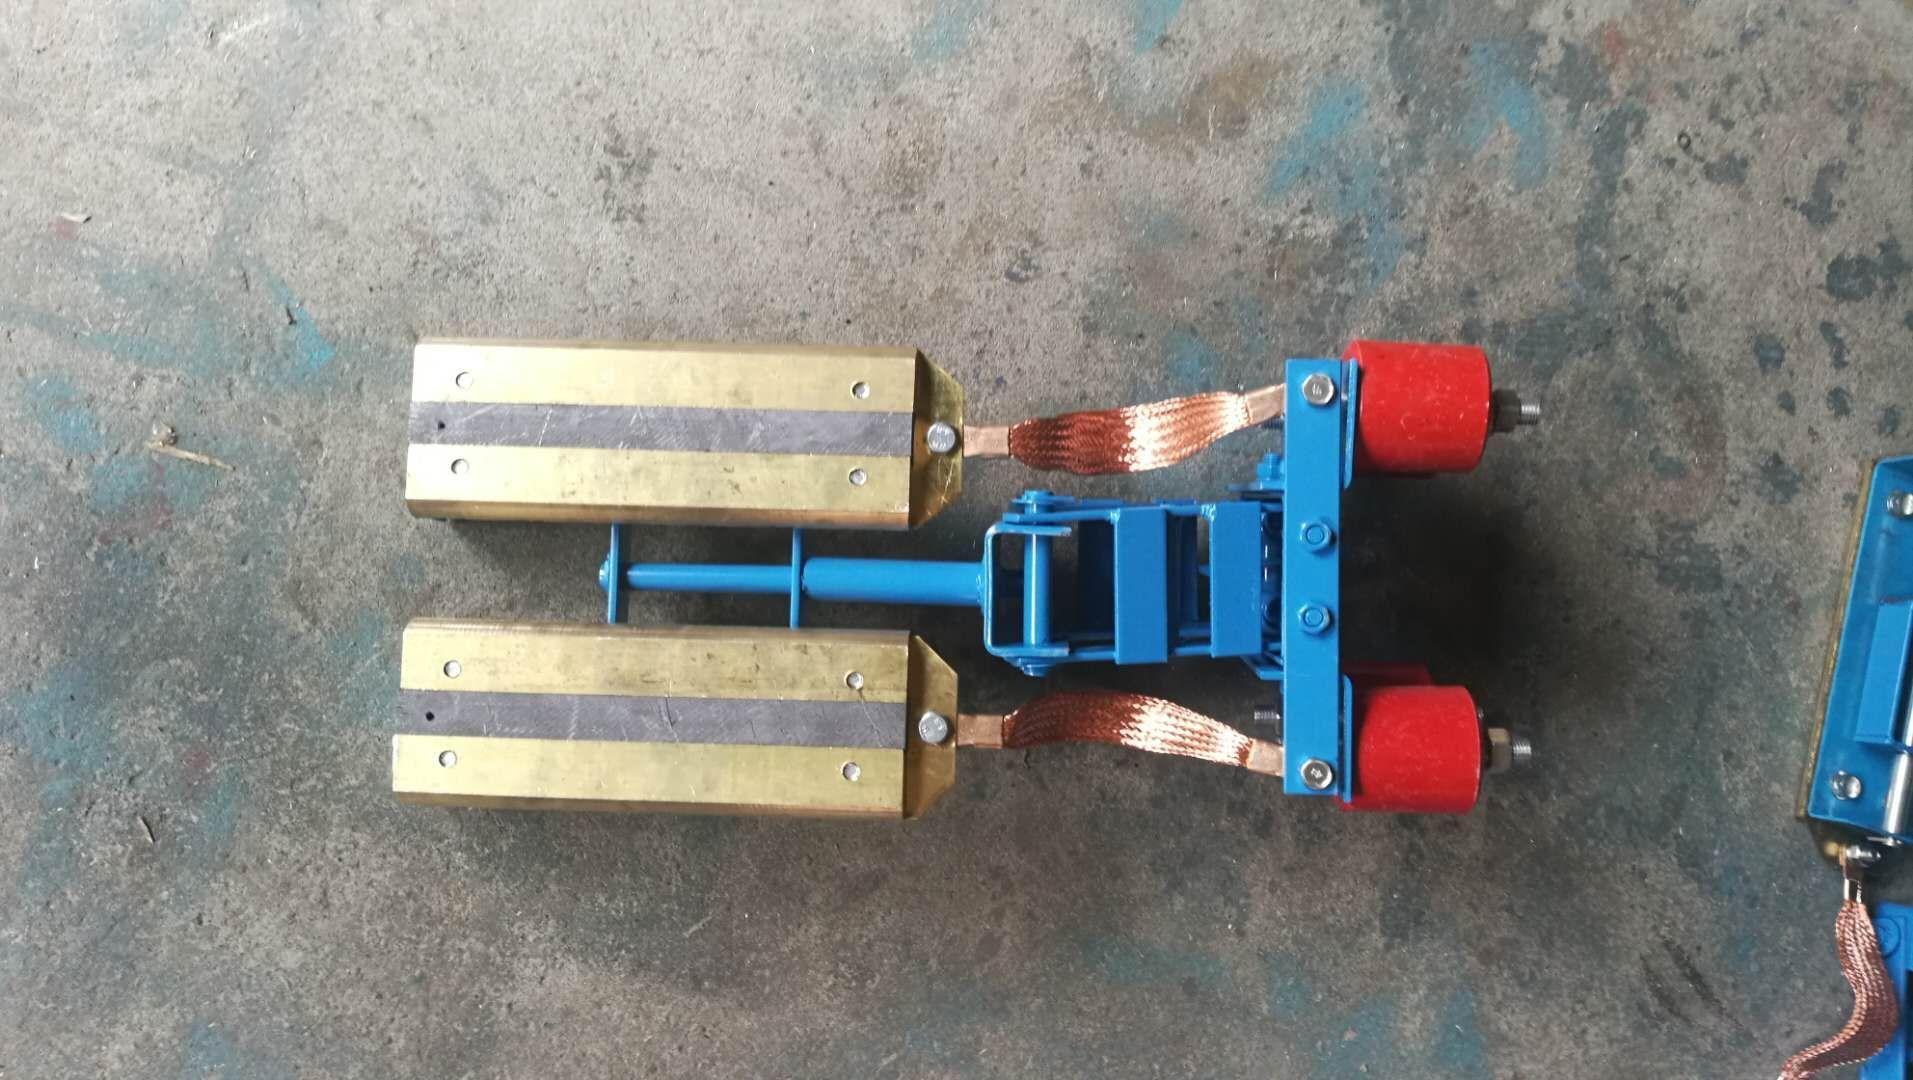 集电器碳刷 刚体集电器滑块 石墨导电刷导电块